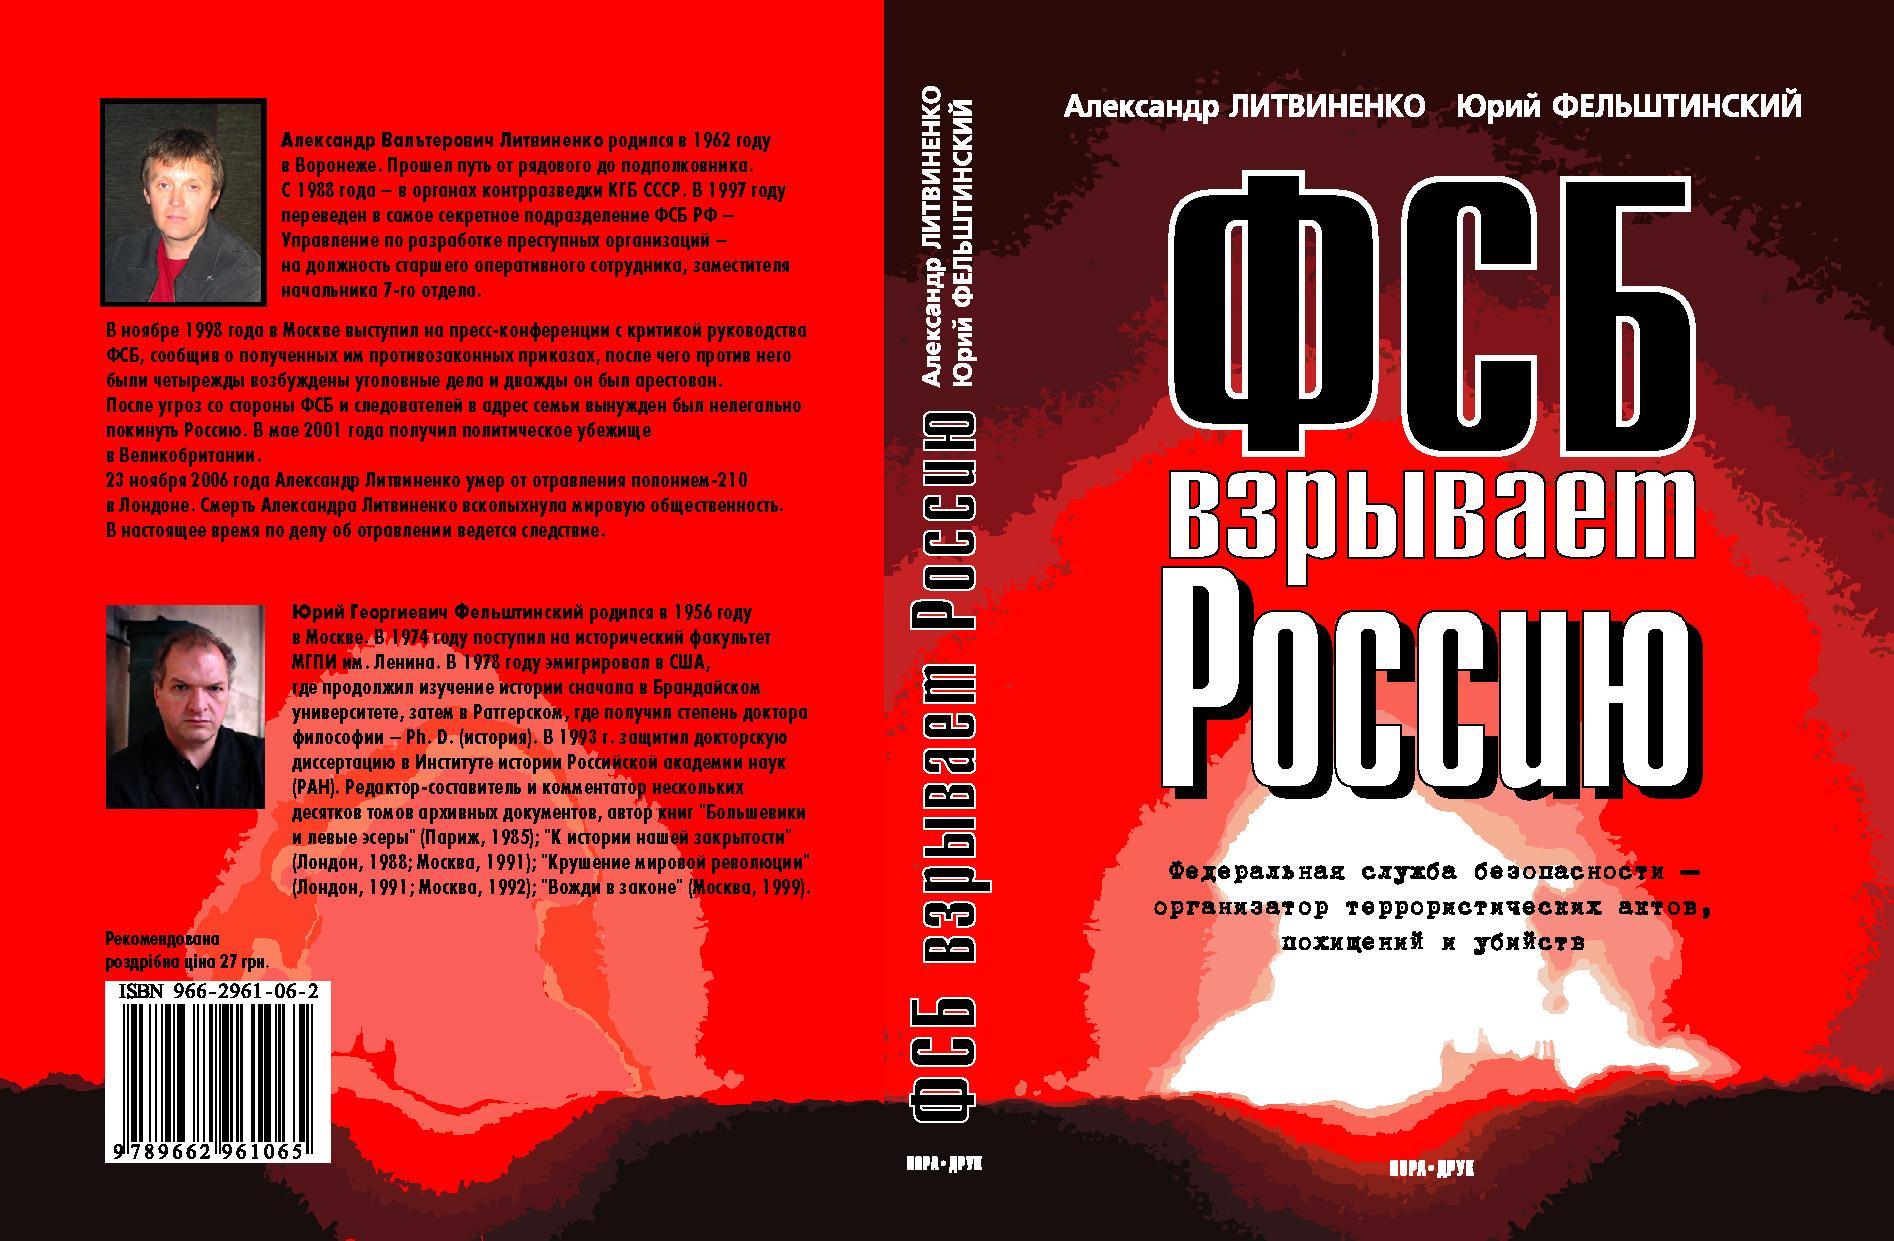 Фсб взрывает россию книга скачать торрент